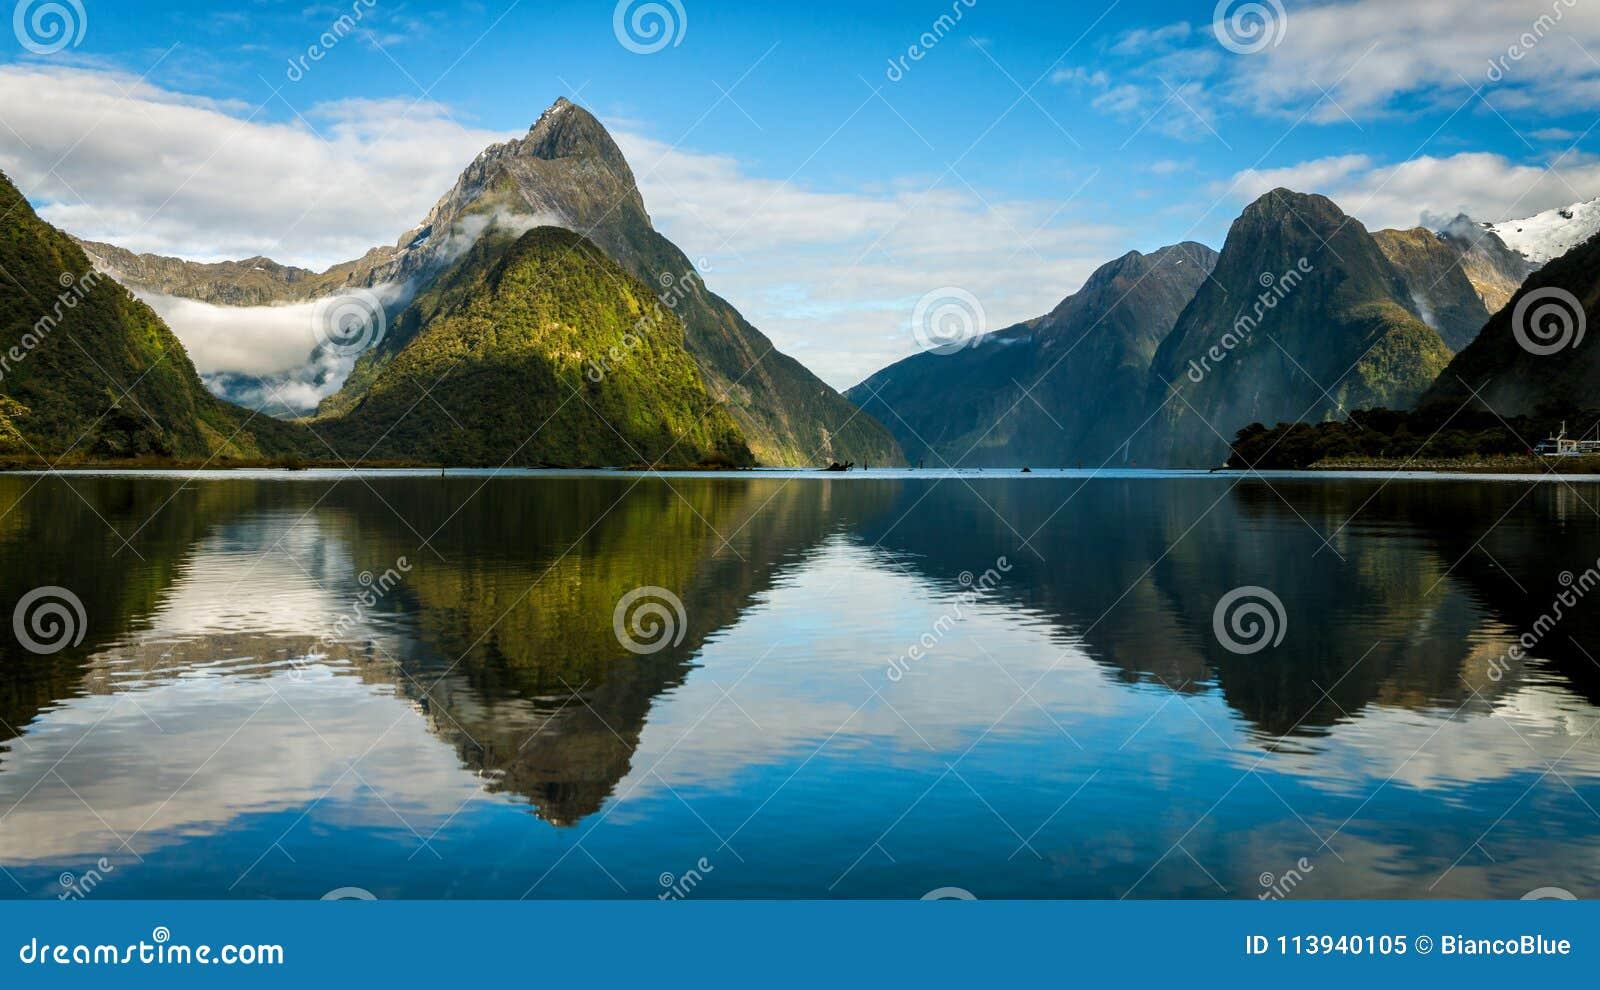 Milford Sound в Новой Зеландии